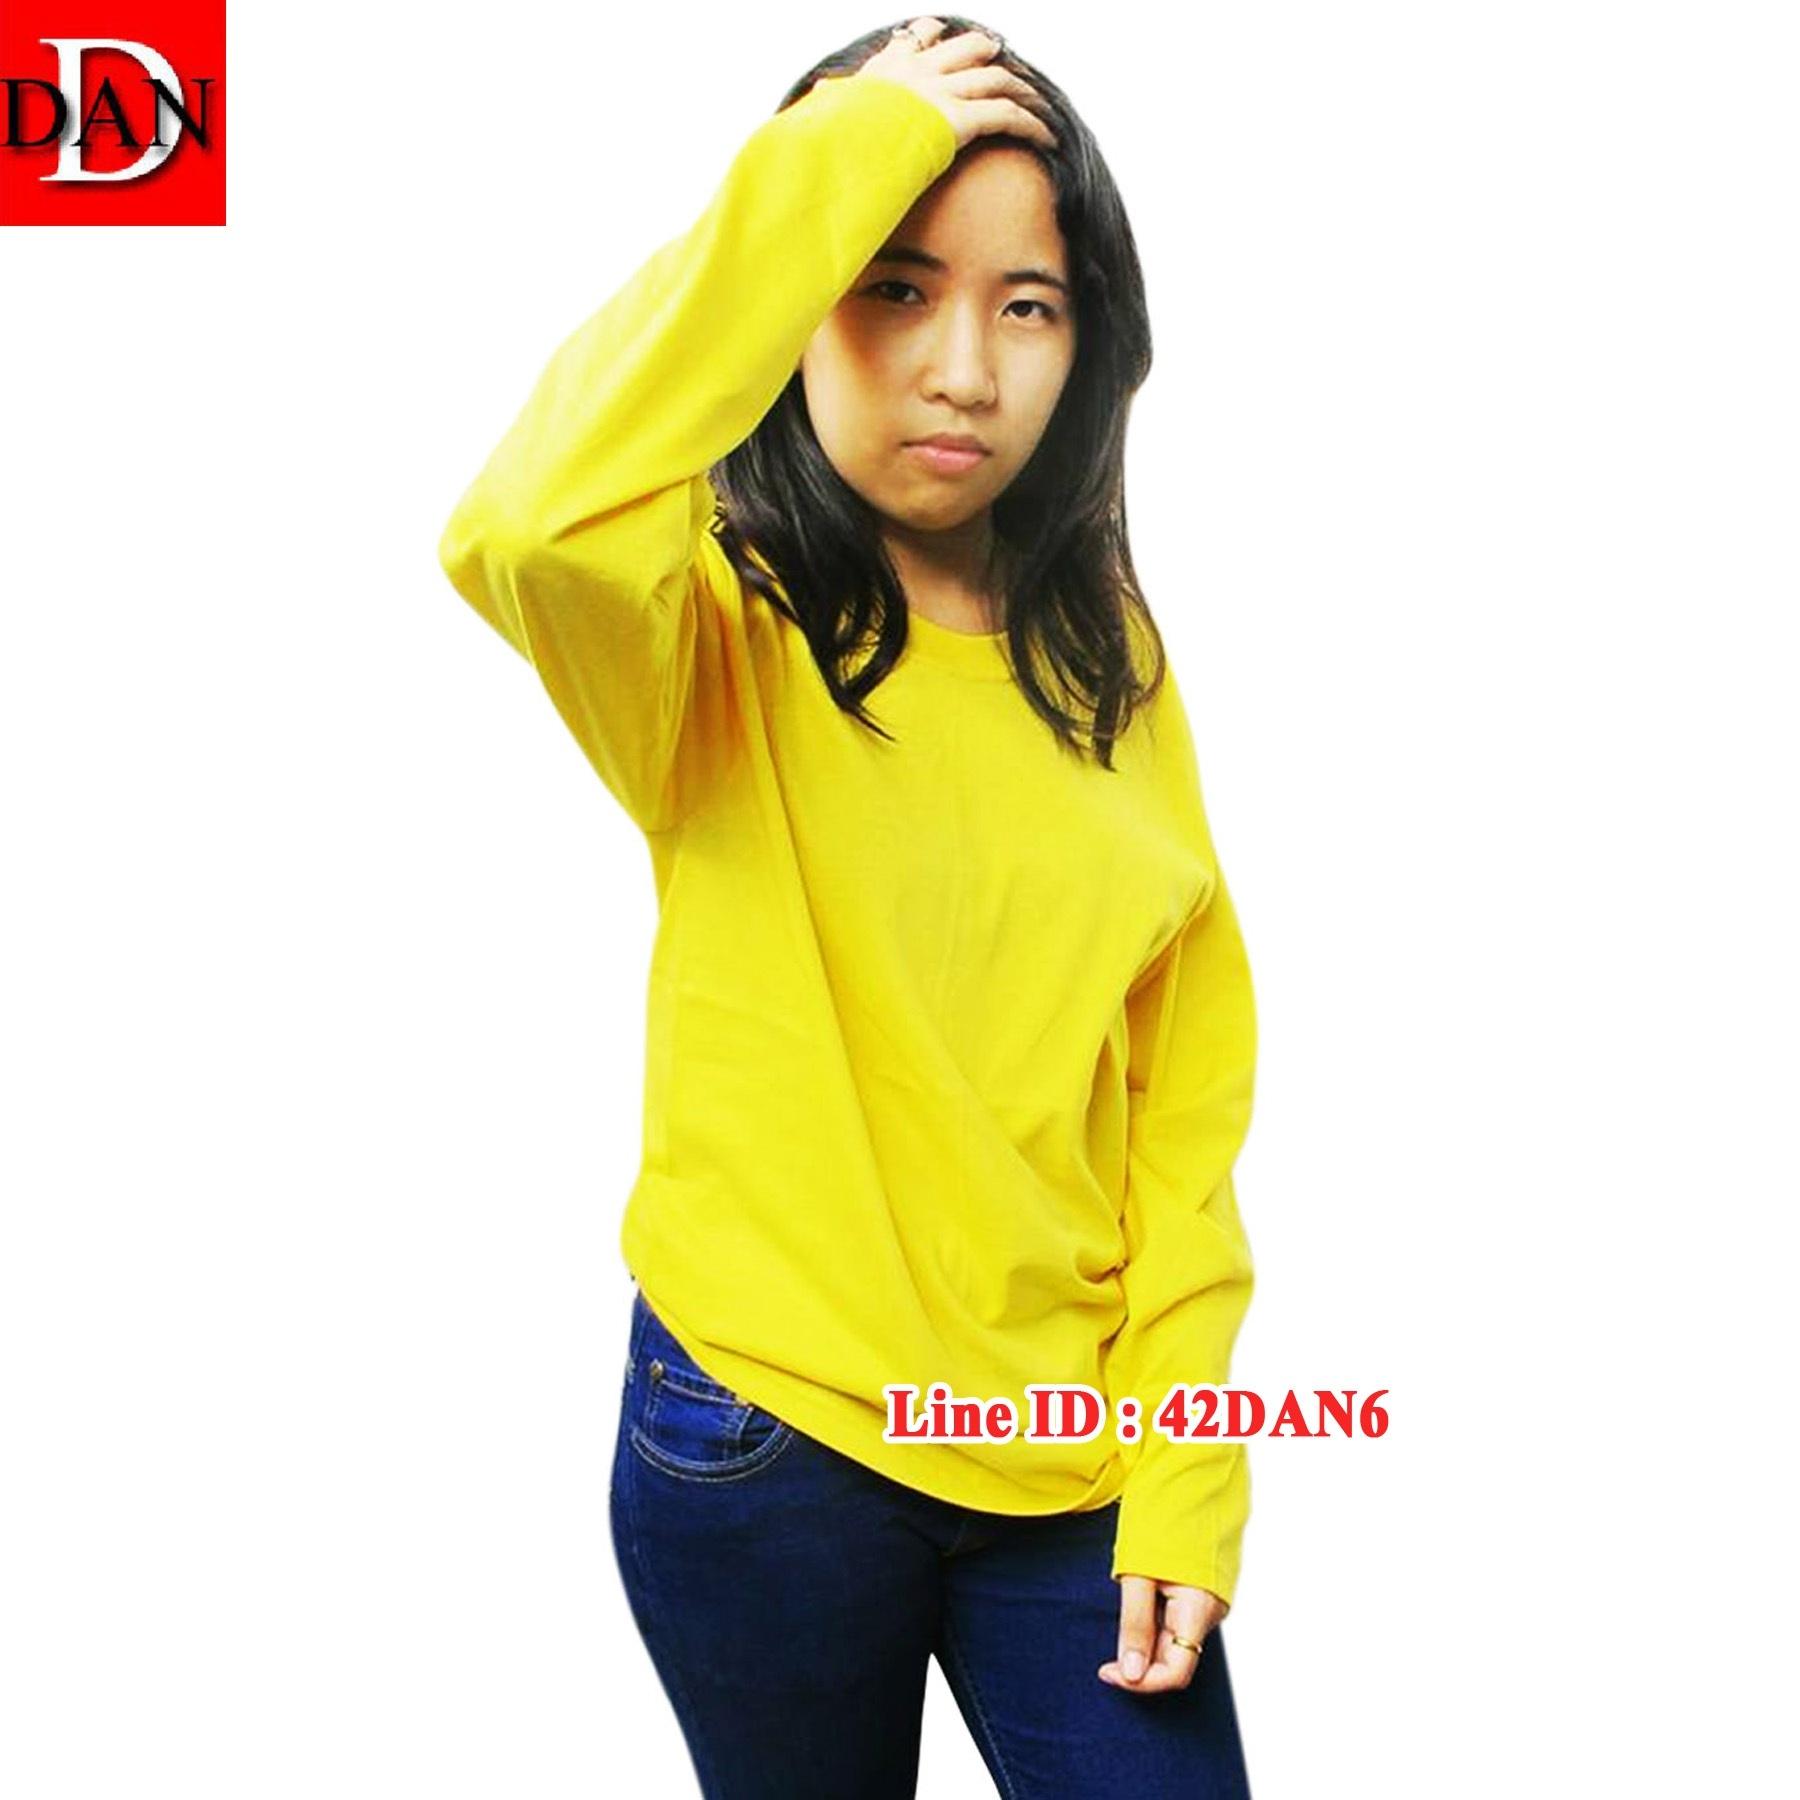 เสื้อแขนยาว คอลกม สีเหลือง